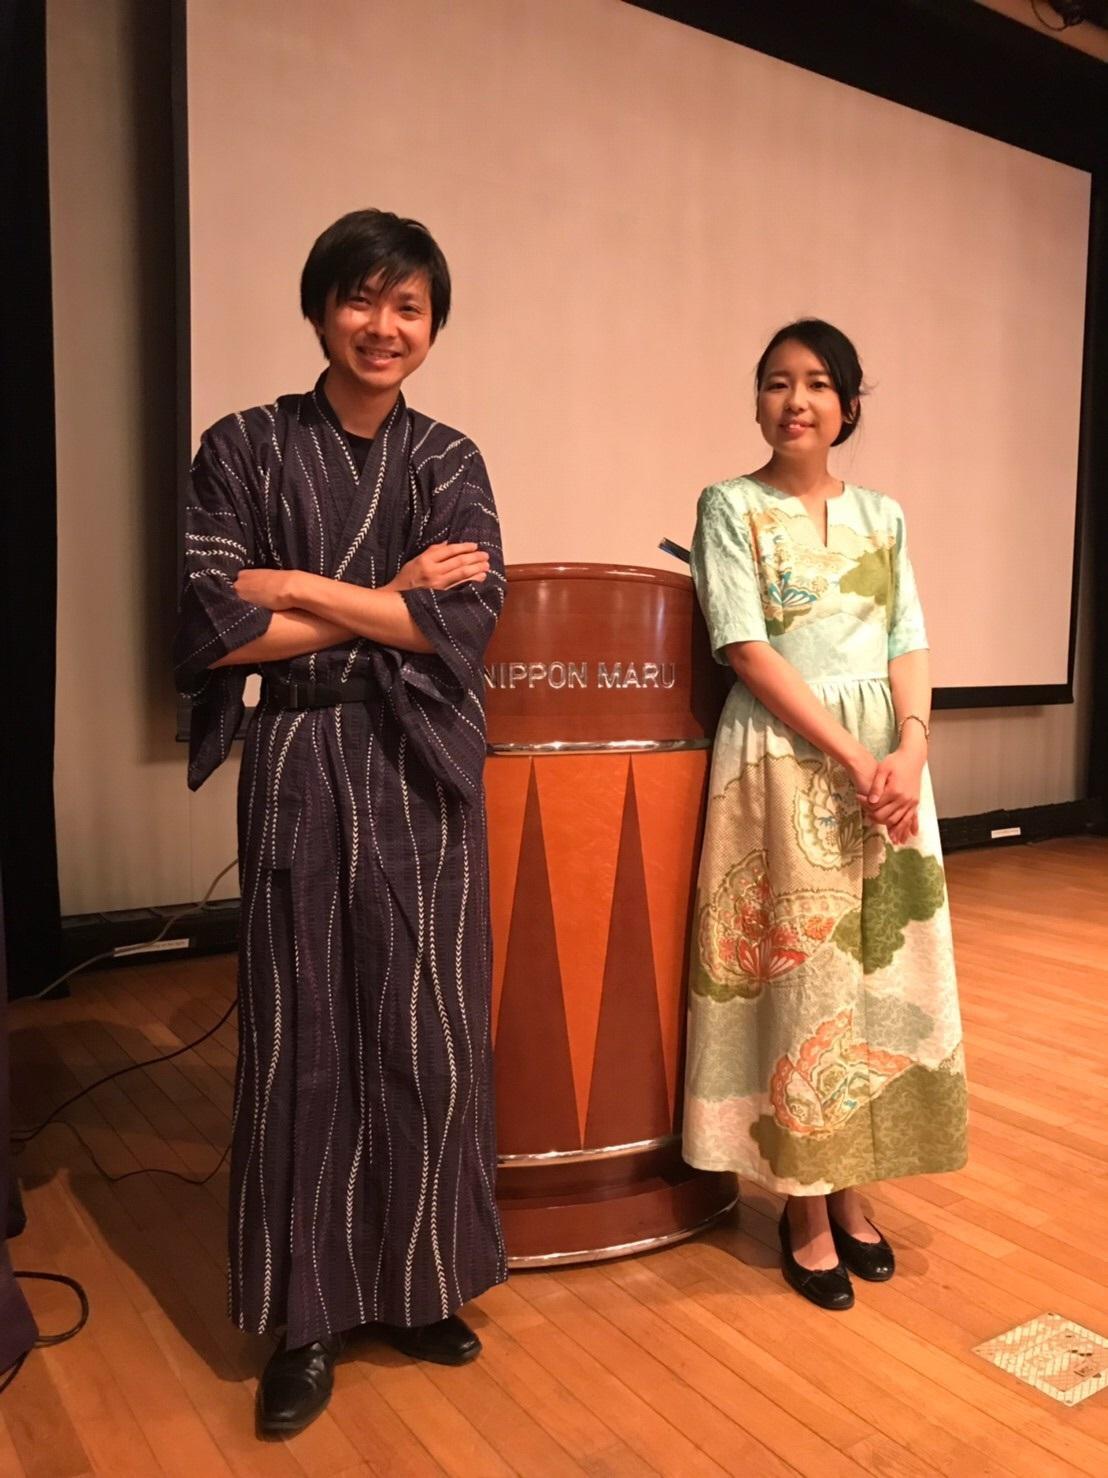 津田梅子を紹介した津田塾大学の学生と記念撮影